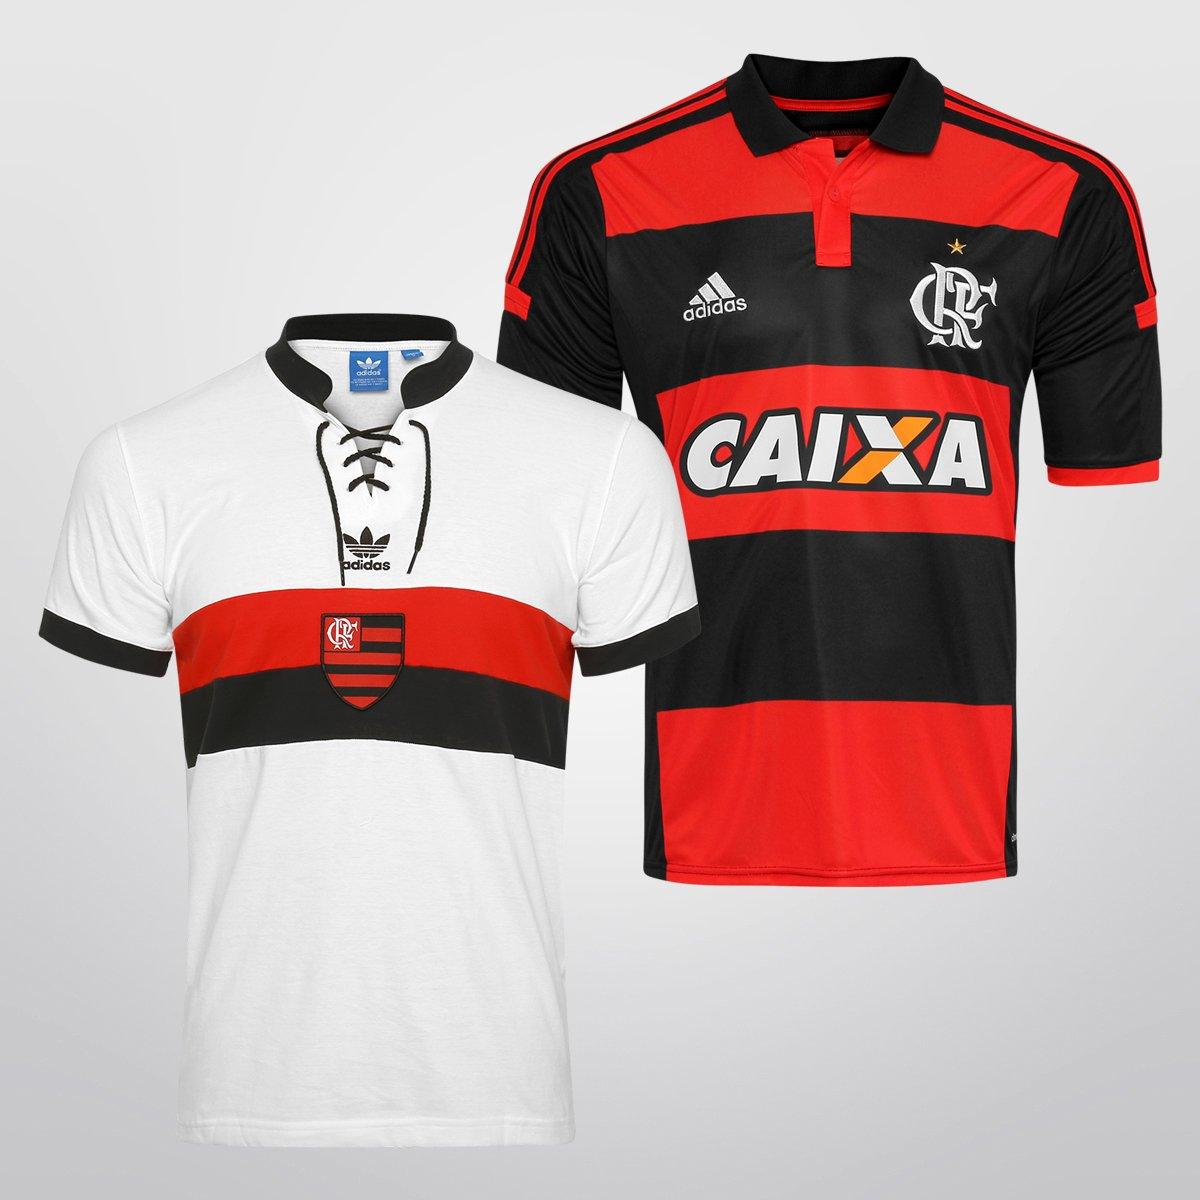 9016813a6d Kit Adidas Flamengo - Camisa I 14 15 + Camisa Retrô - Compre Agora ...